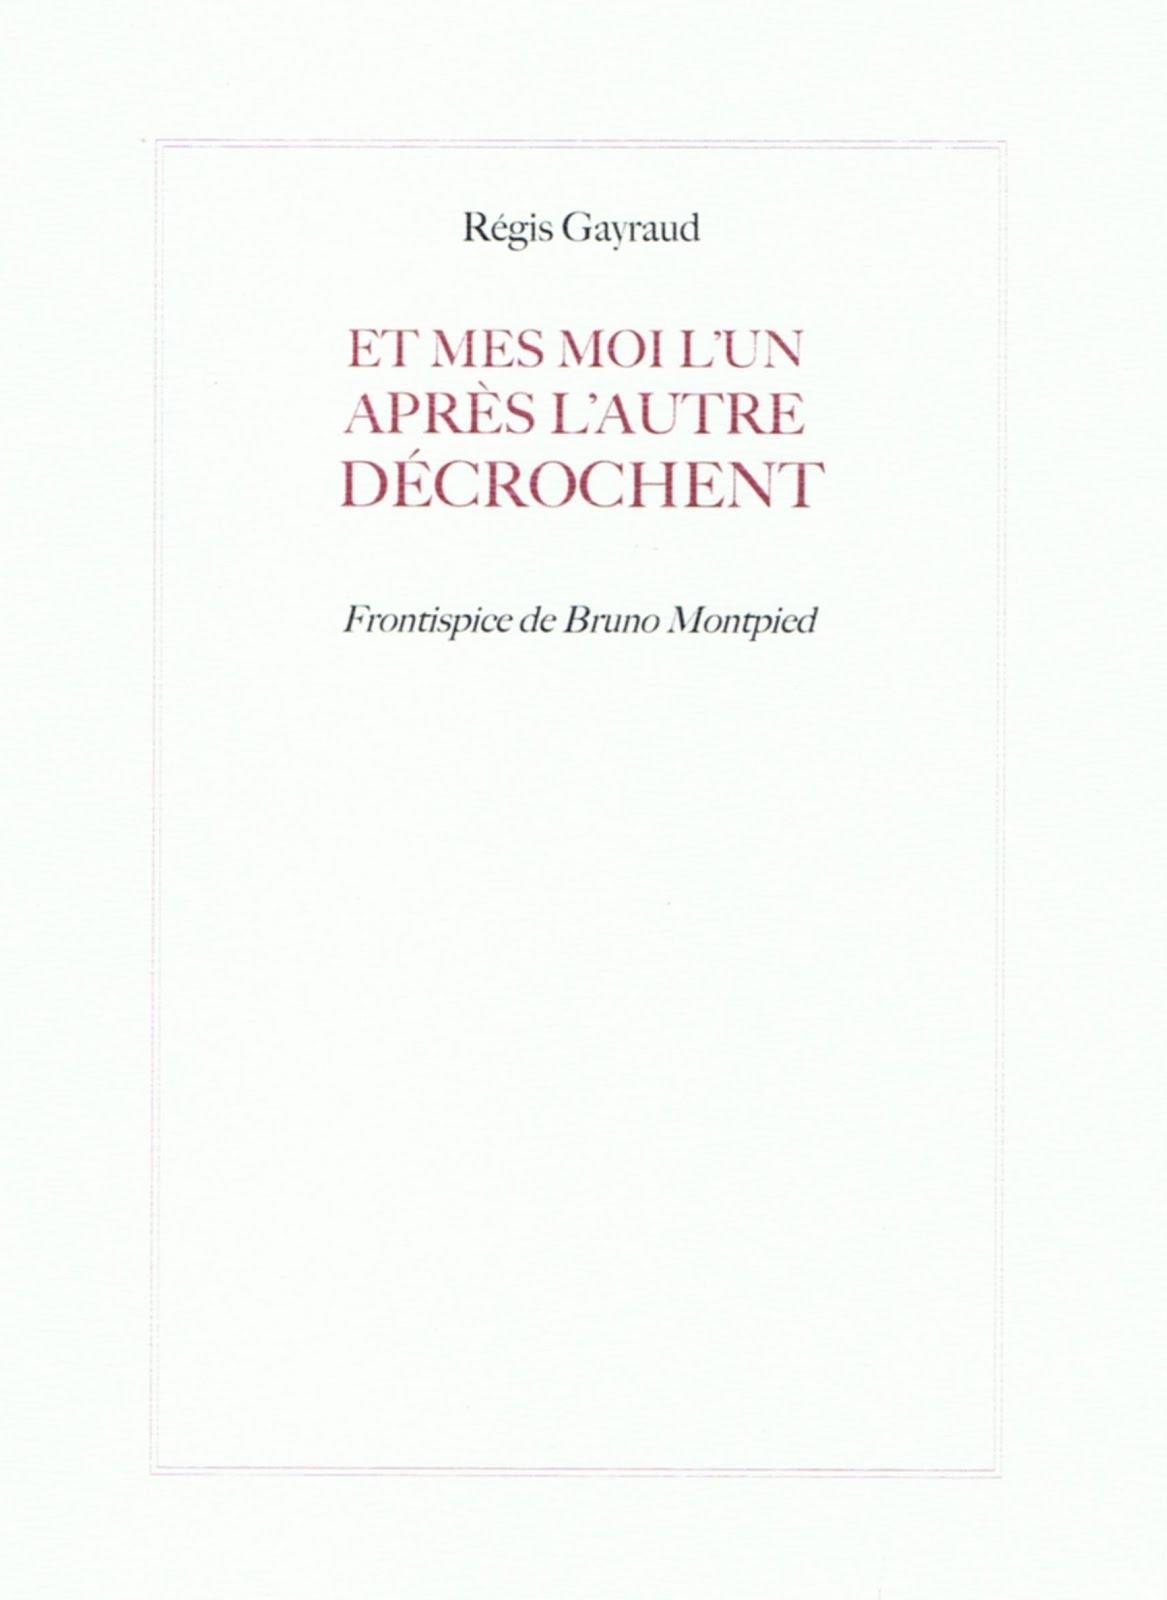 Régis GAYRAUD, ET MES MOI L'UN APRÈS L'AUTRE DÉCROCHENT, Collection de l'Umbo